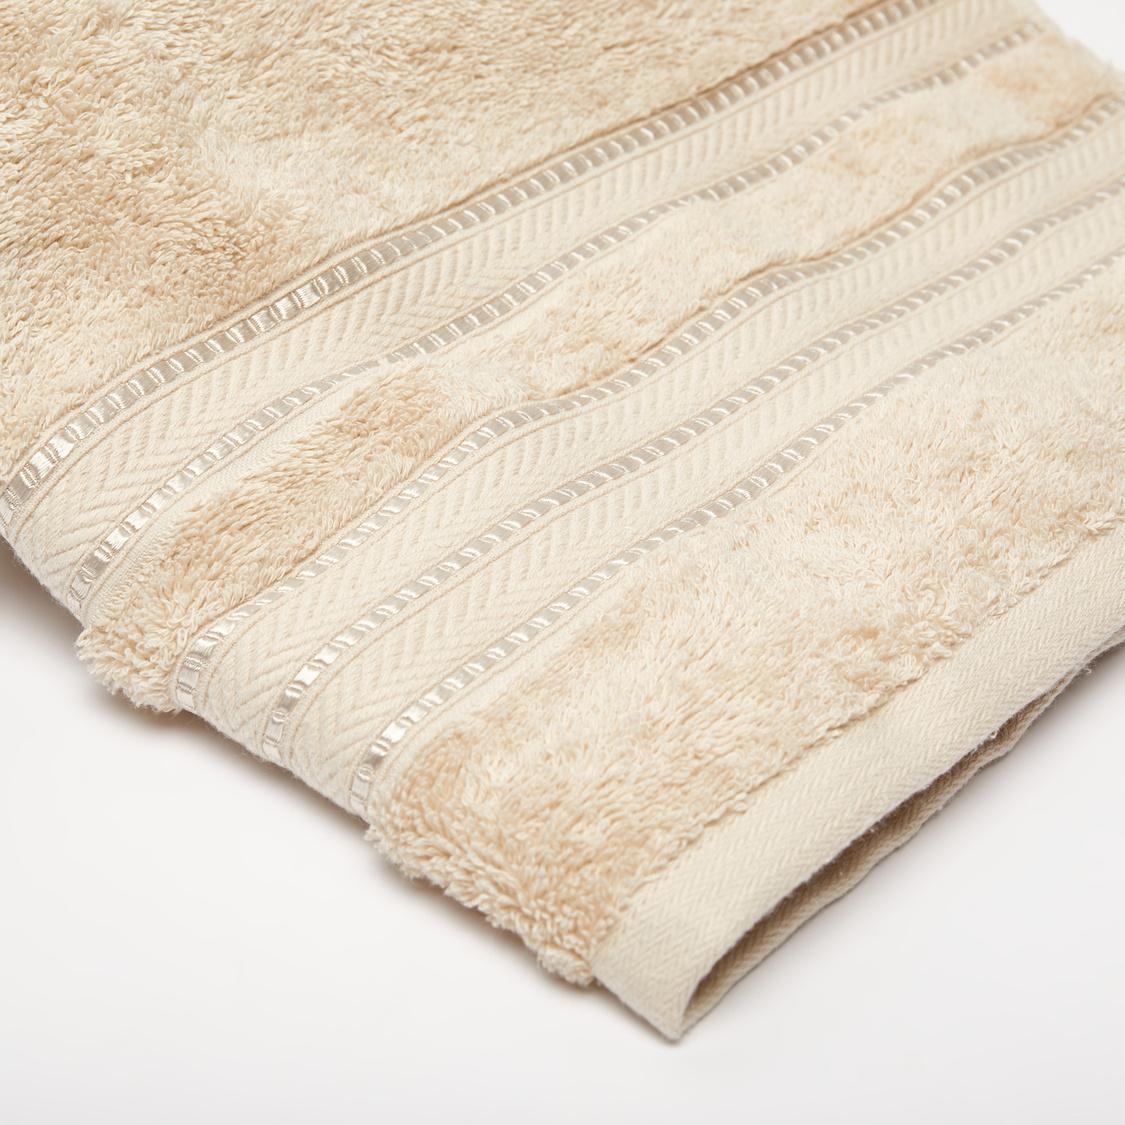 منشفة حمام مصريّة بارزة الملمس - 140x70 سم